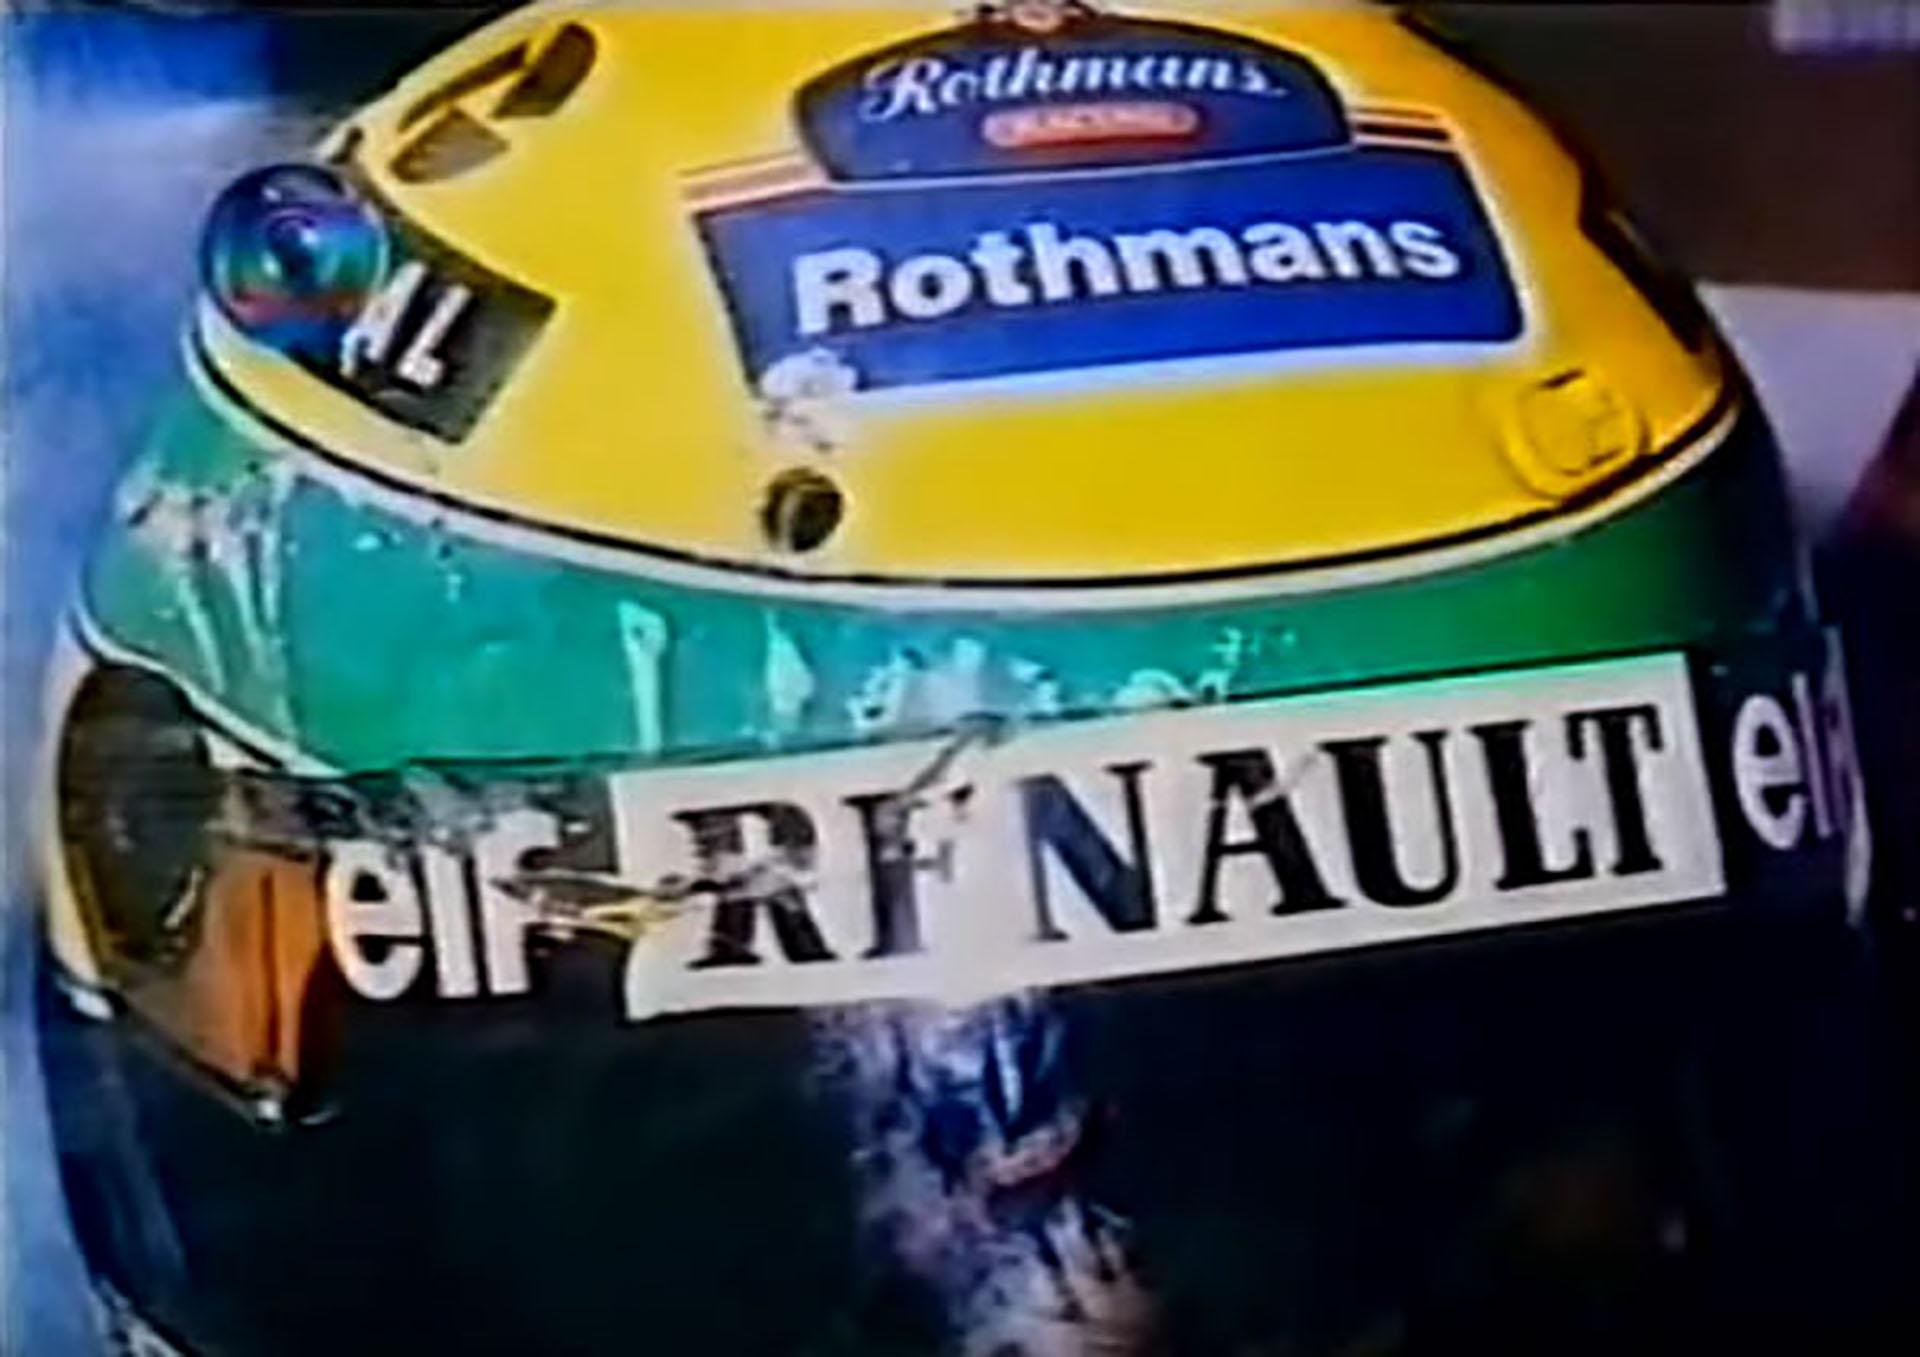 El casco de Ayrton Senna sufrió rayones y golpes después del impacto del Williams en la curva Tamburello